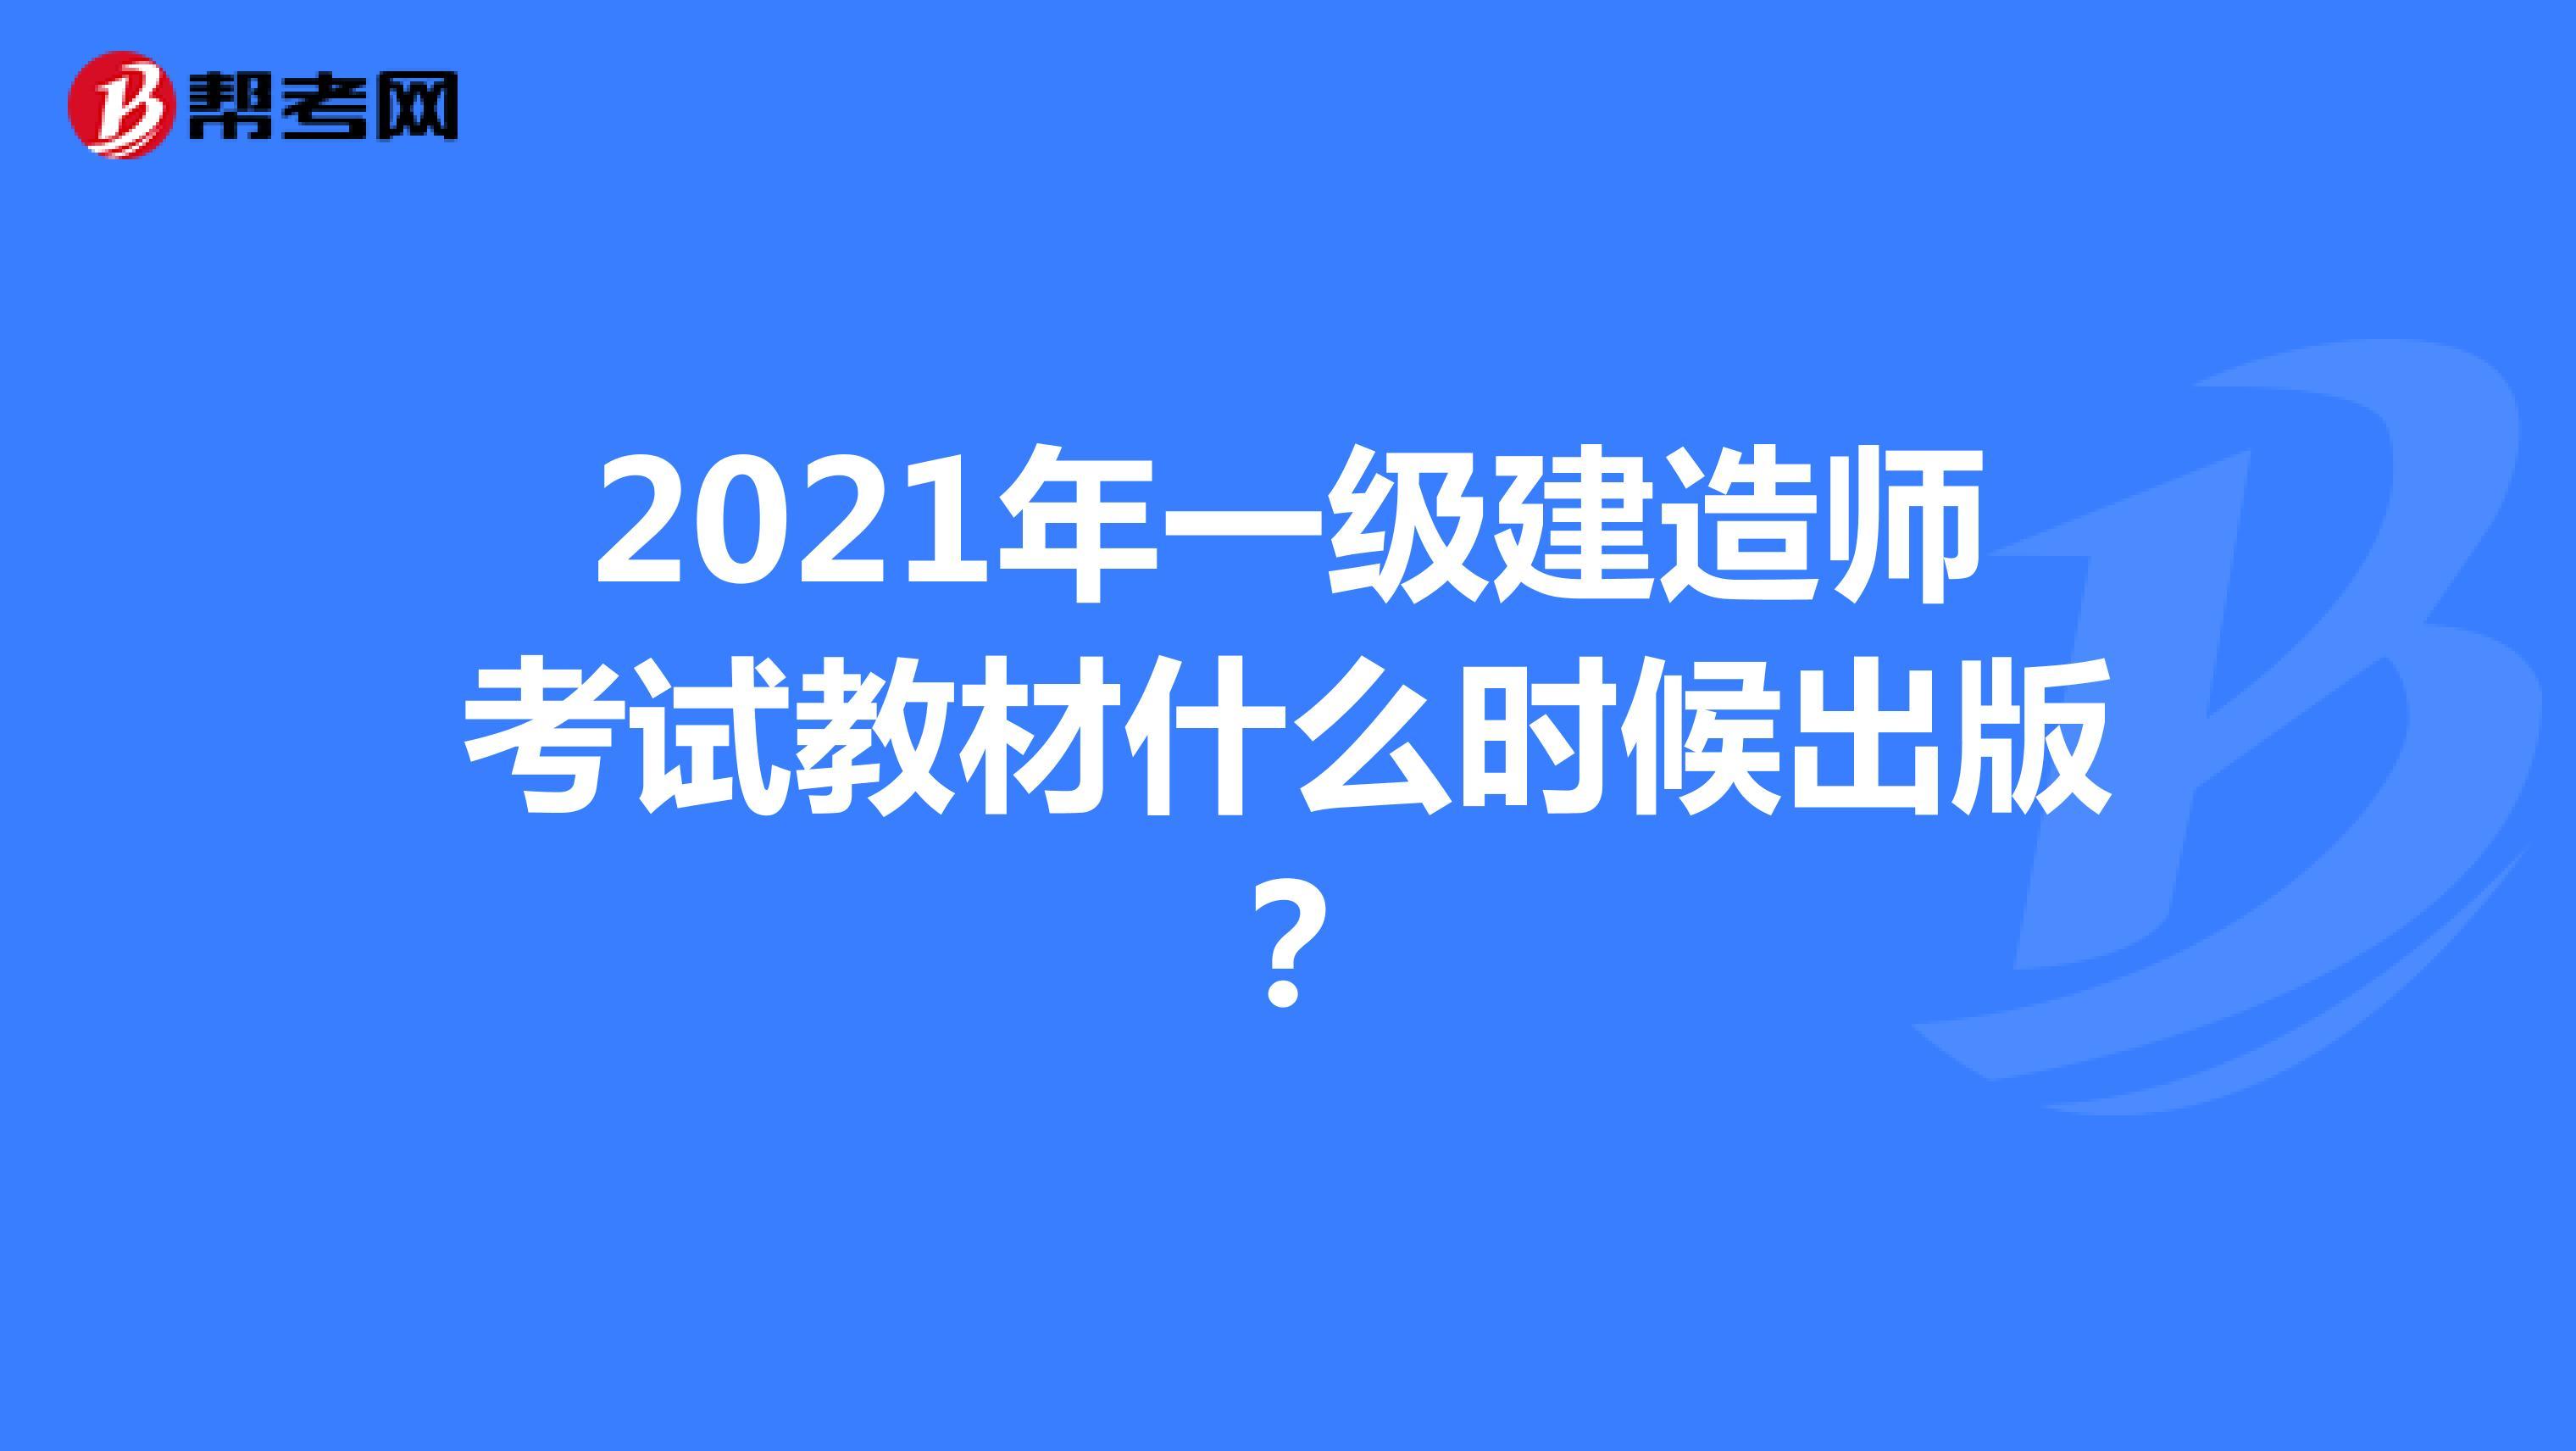 2021年【热竞技下载开户】一级建造师考试教材什么时候出版?